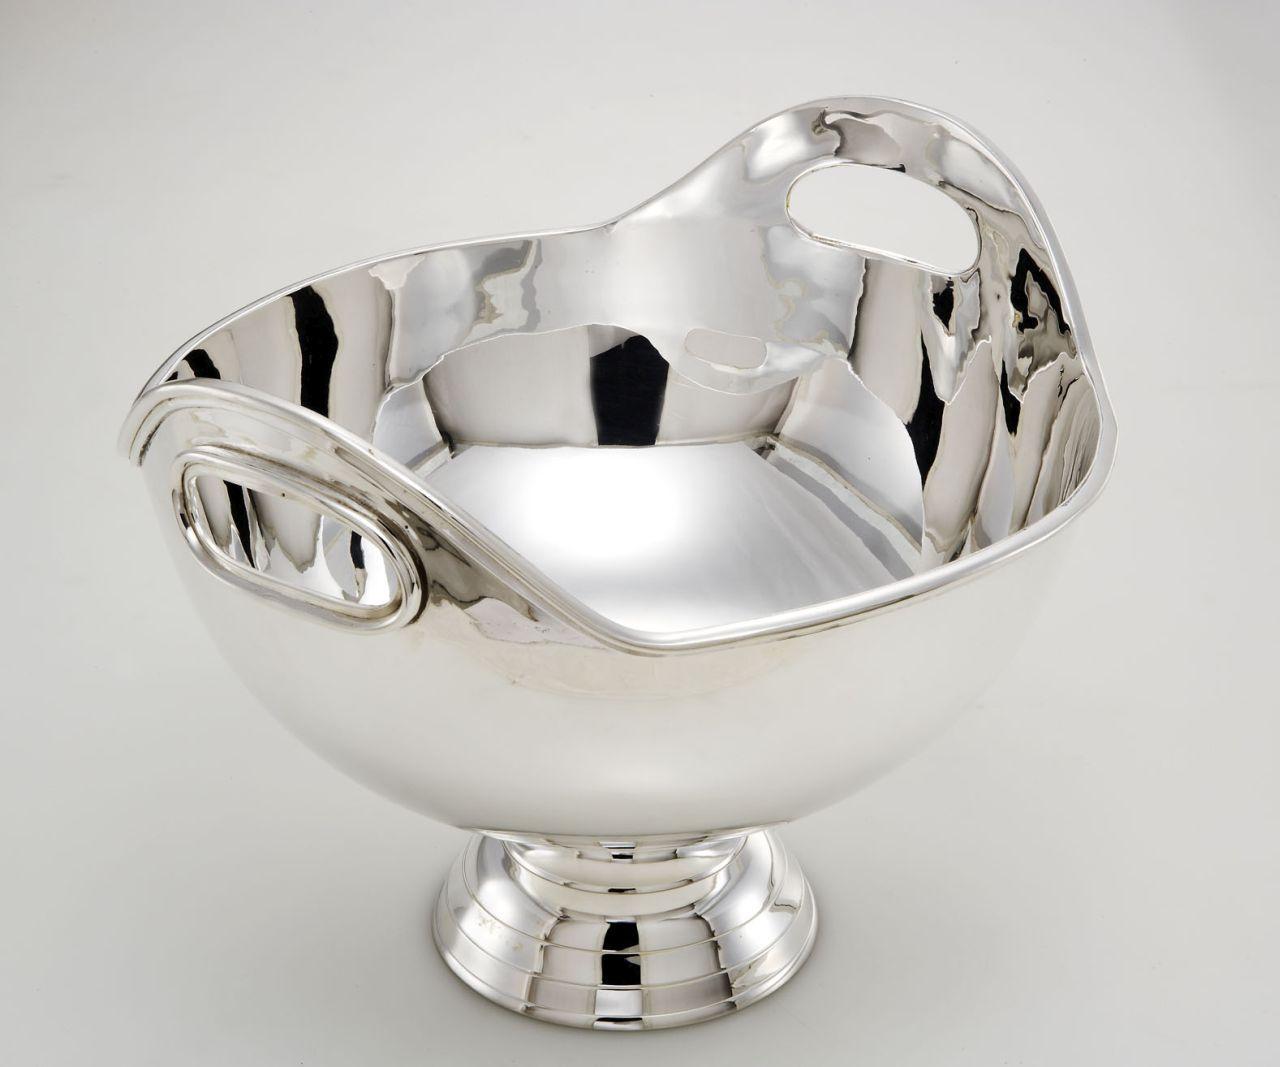 Spumantiera secchiello champagne con manici argentato argento sheffield